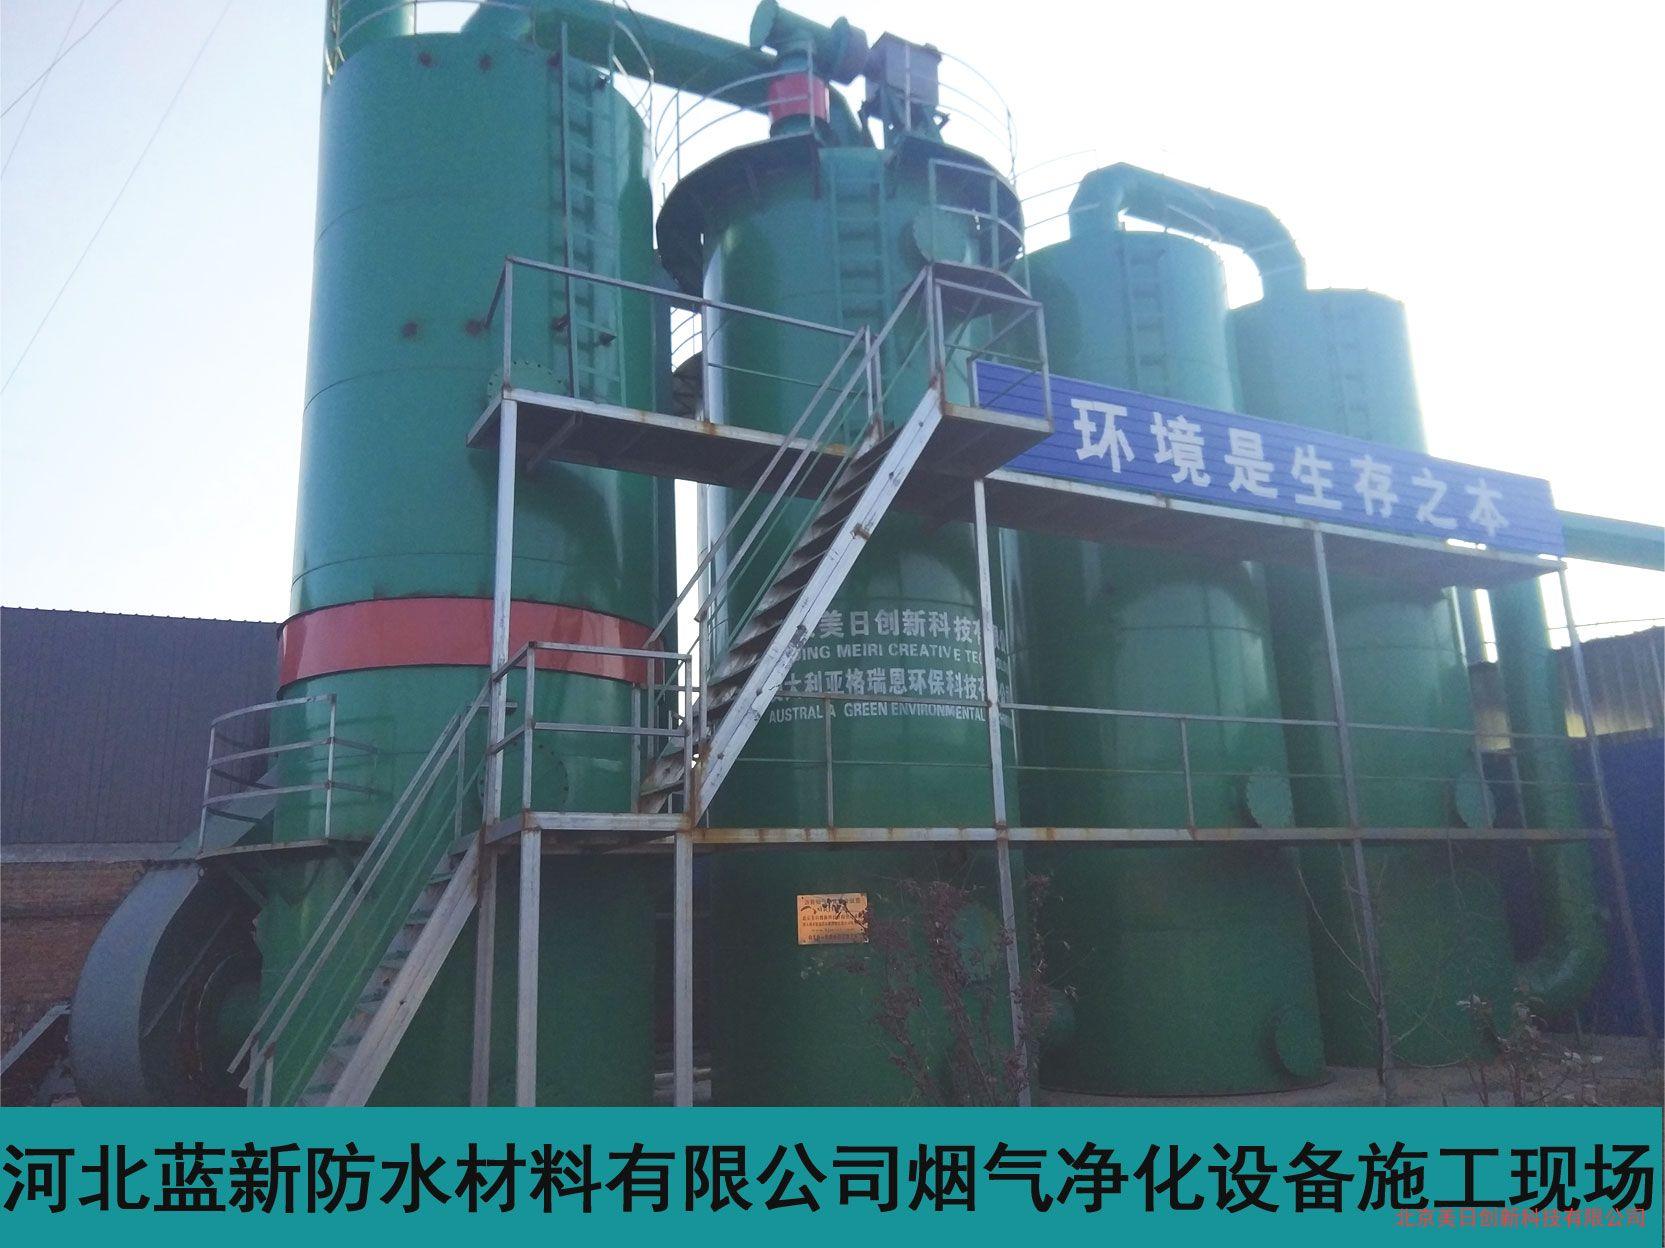 防水卷材煙氣凈化設備是如何做到祛除有害物質的呢?